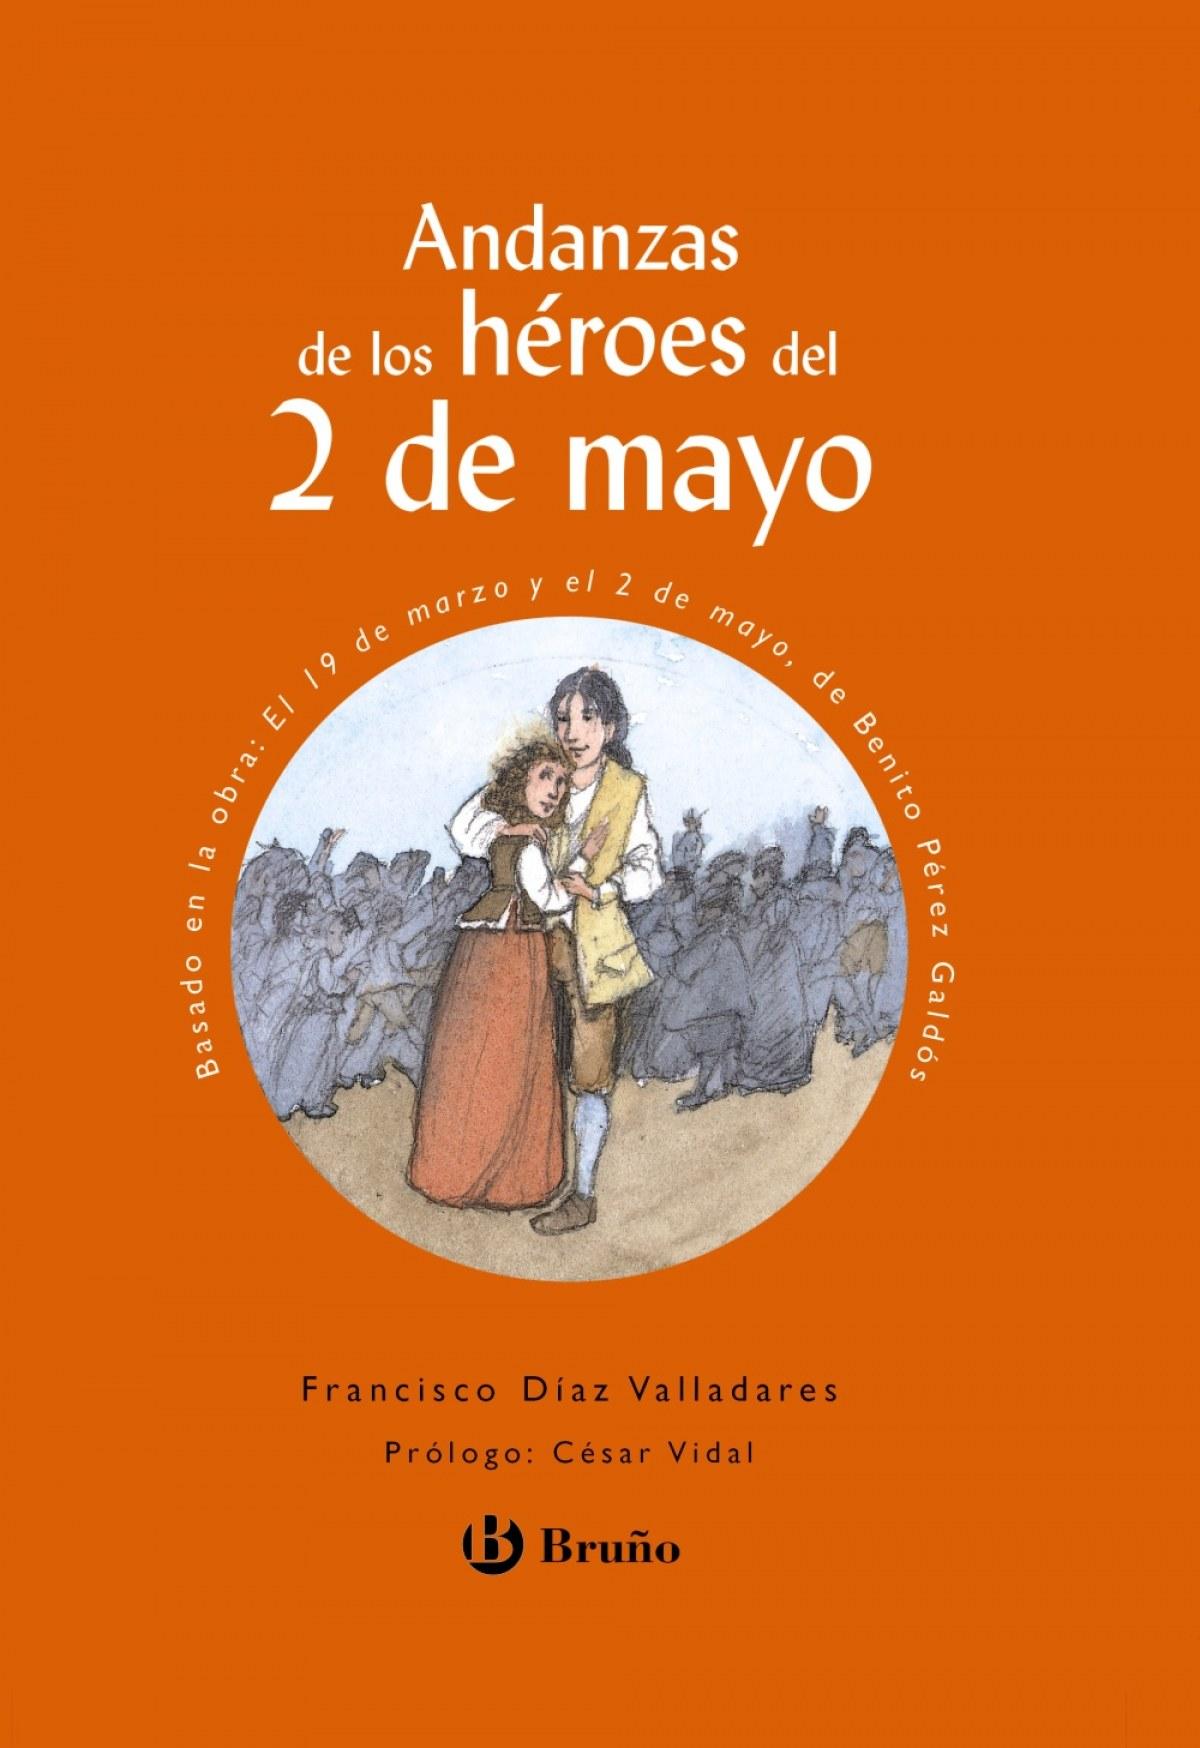 Andanzas de los héroes del 2 de mayo - Díaz Valladares, Francisco